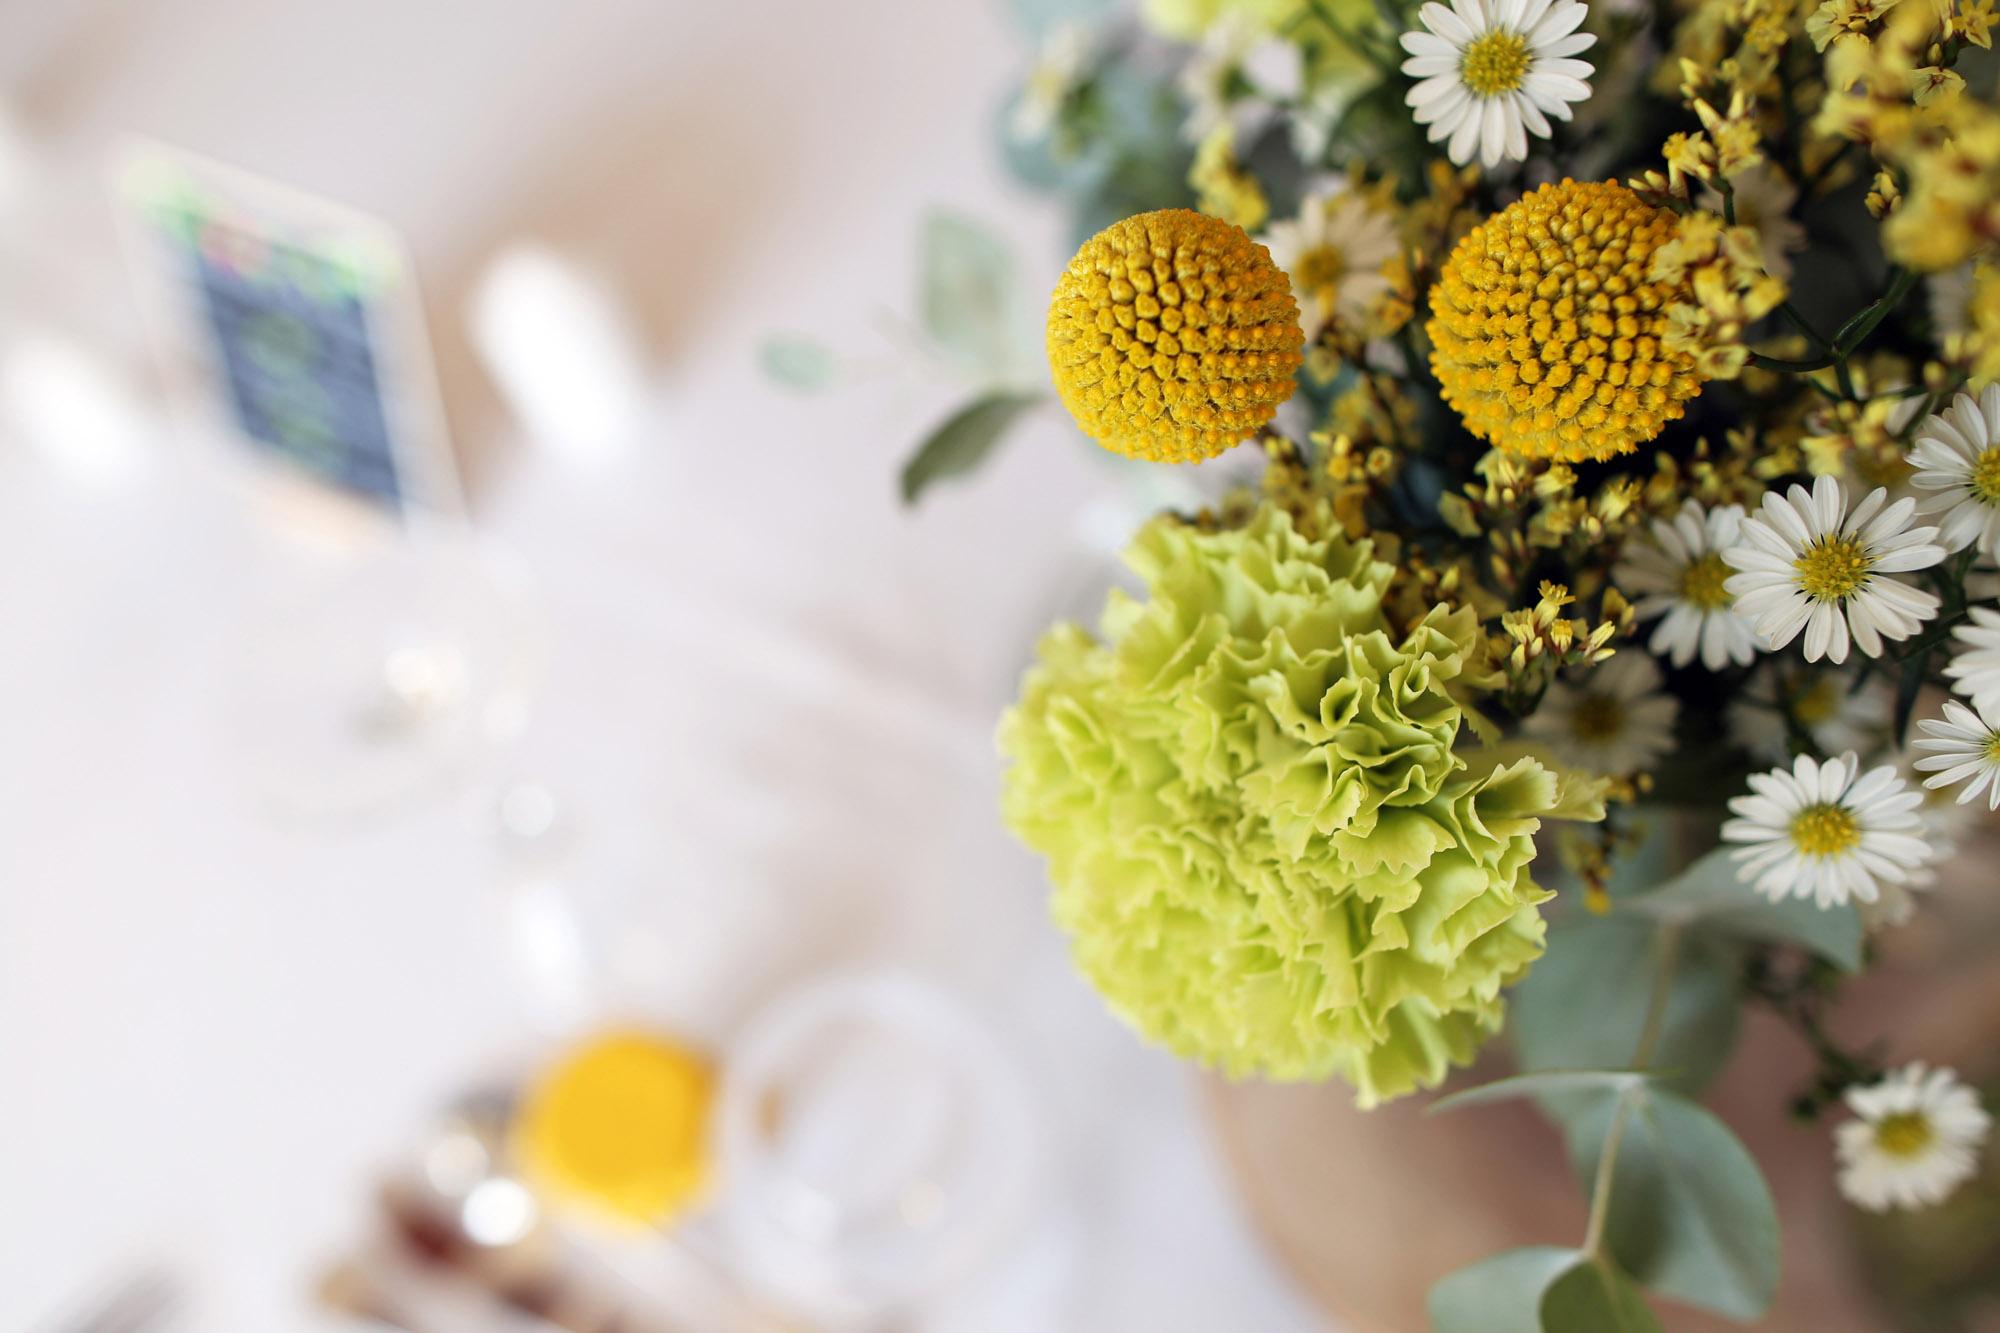 fleuriste-mariage-64-photographe-Sylvain-Mariotto-landes-pays-basque-13